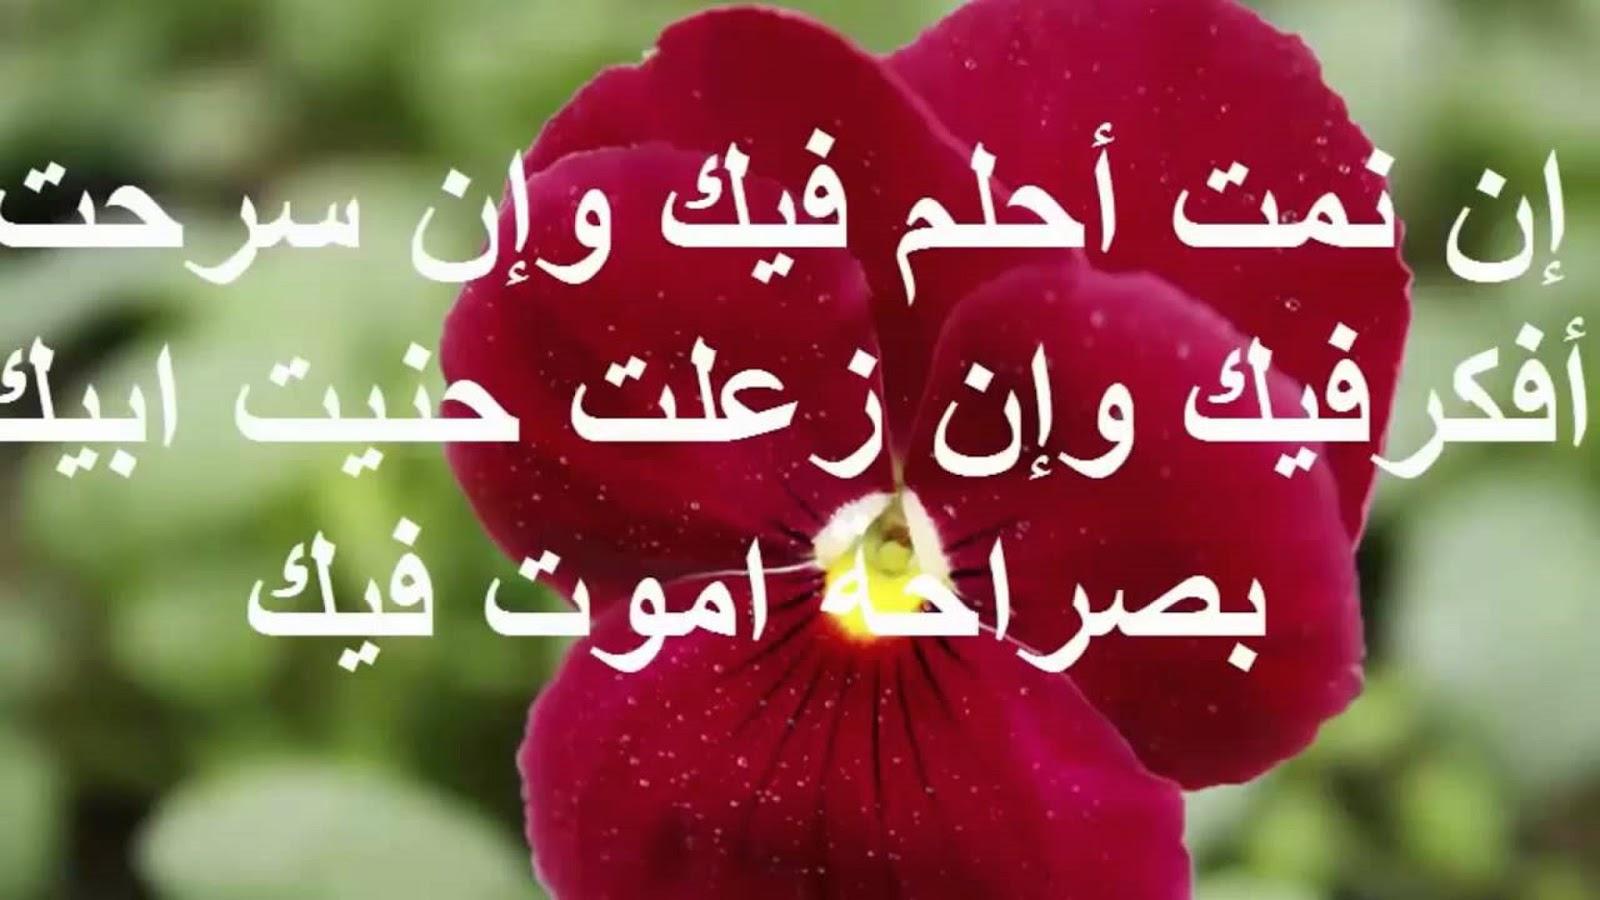 صورة رسائل حب خاصة للحبيب , ماسج عشق وغرام فى الحبيب 8259 1